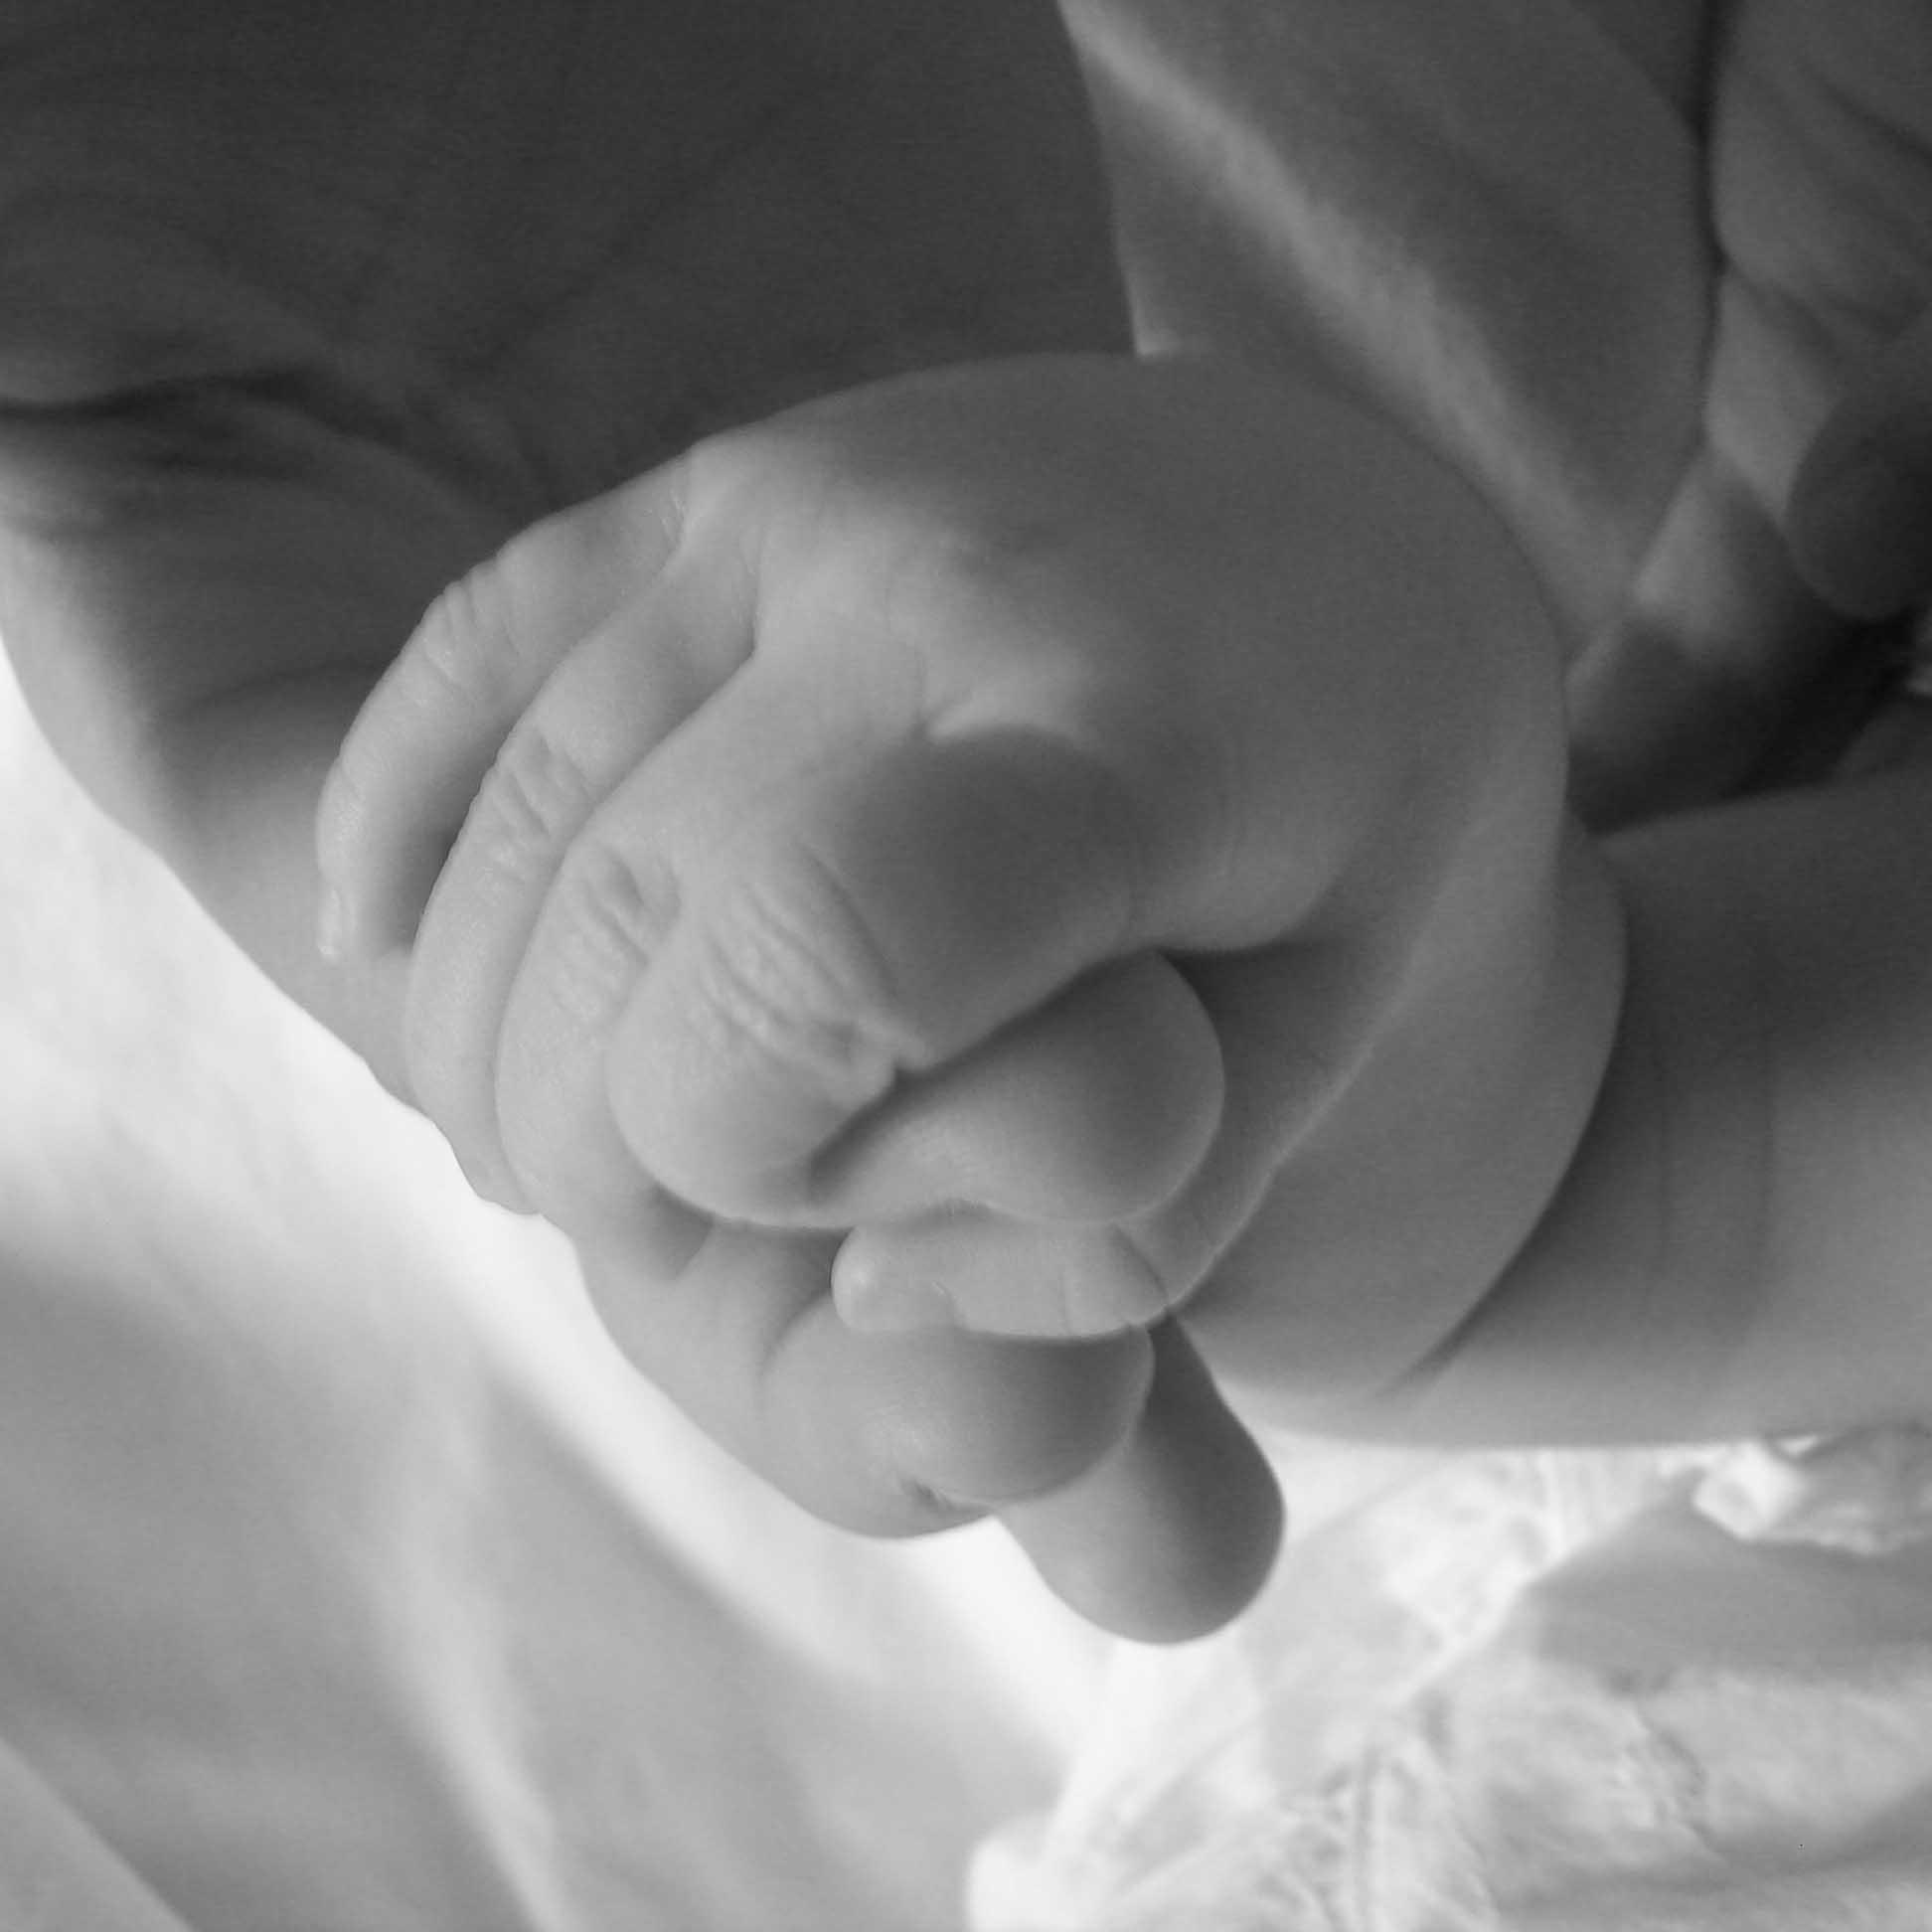 Cuidado del bebé Castellón Terapia familiar Castellon, madre primeriza